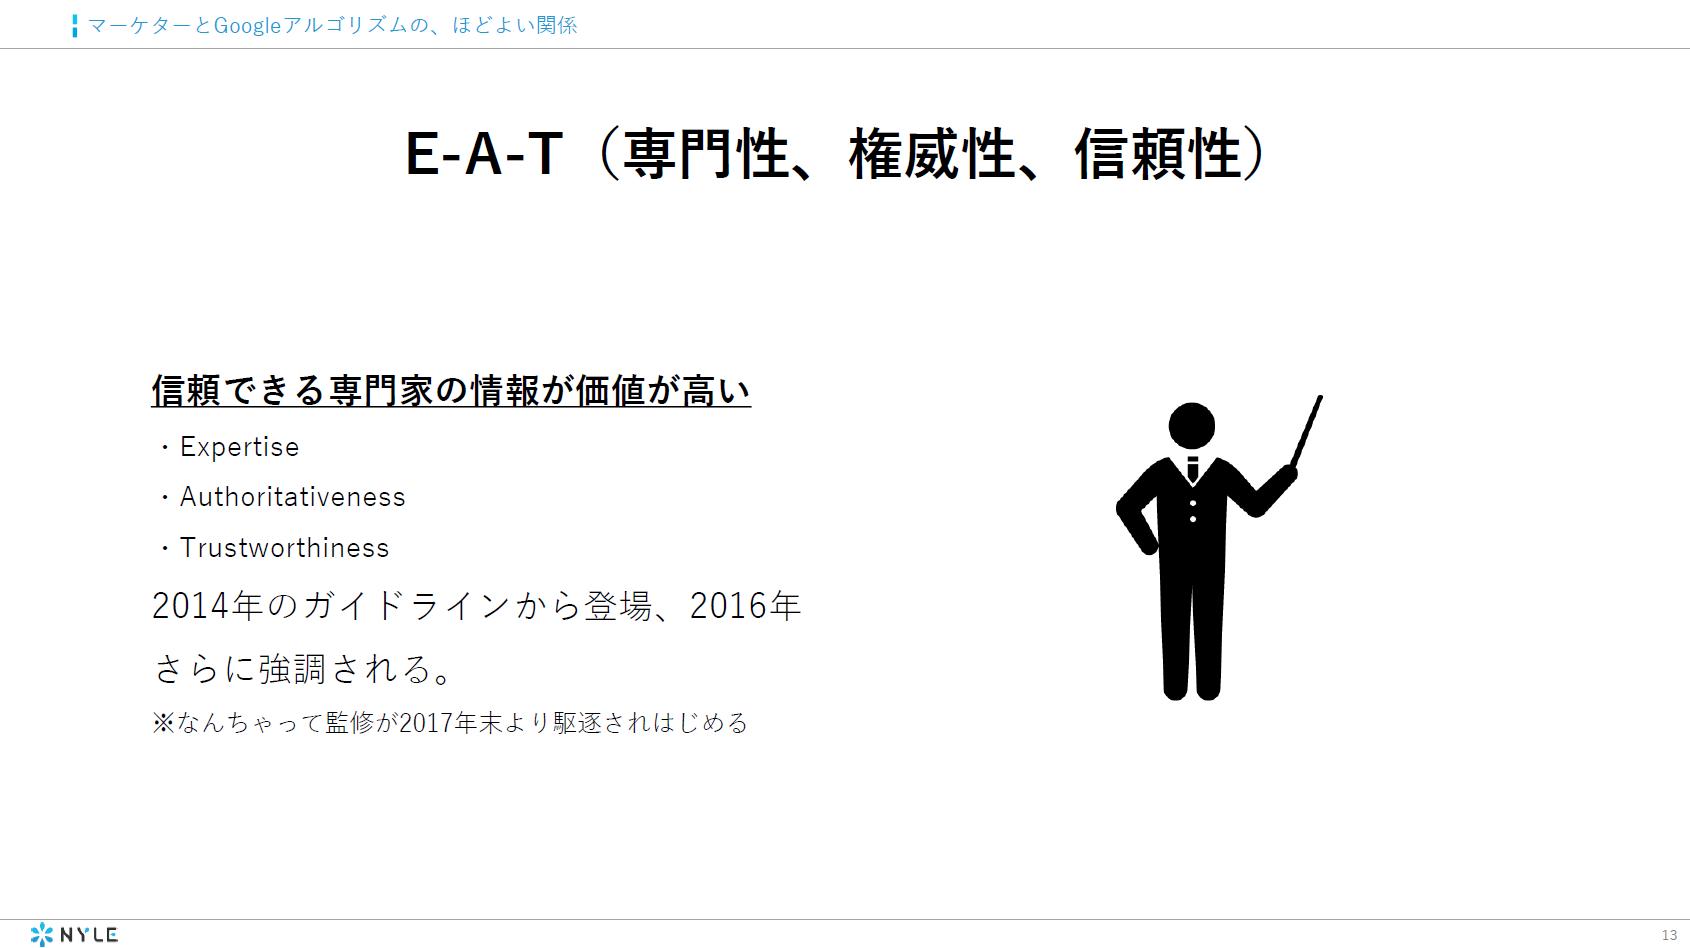 E A T 専門性、権威性、 信頼性